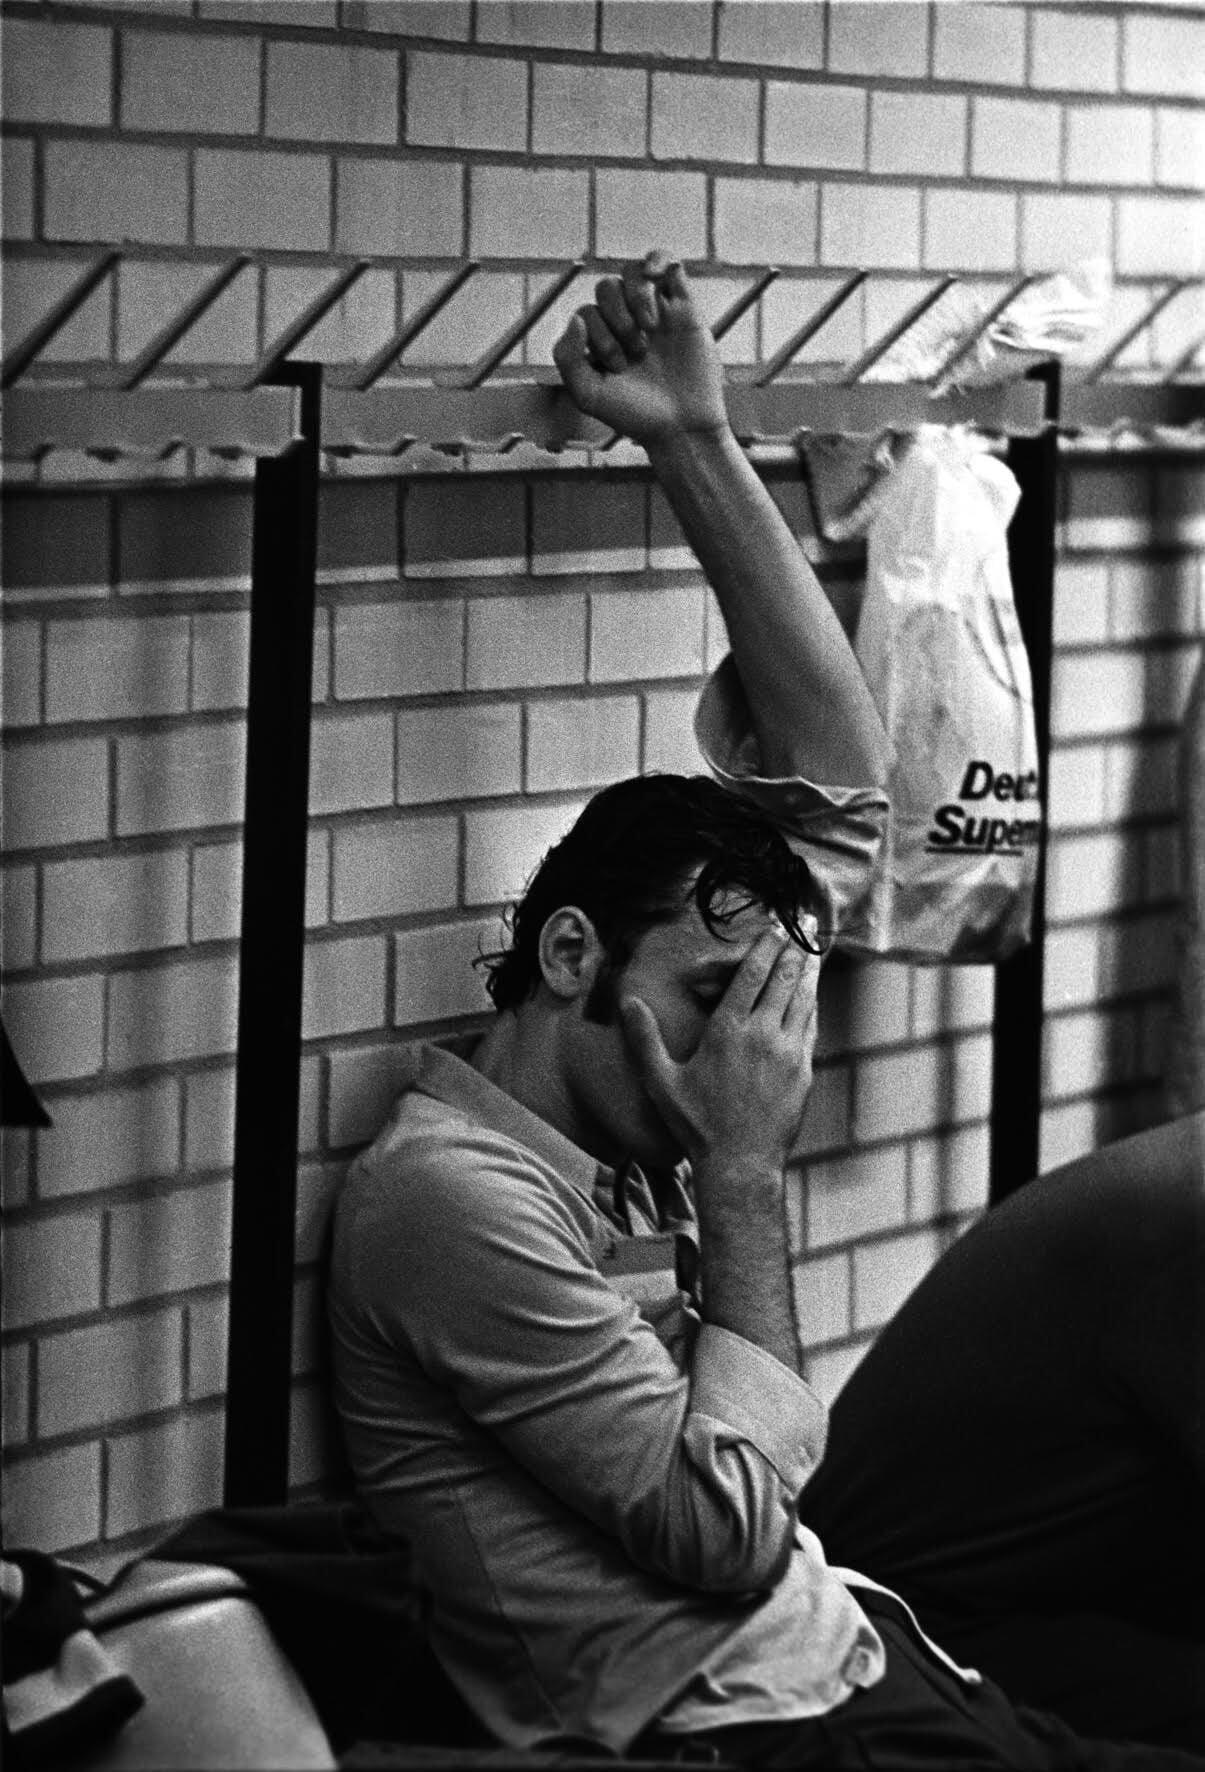 Чуть не вылетел из института физкультуры за стихи Пастернака, спал на полу у Дмитриевой, снимал тот самый финал СССР-США. Рассказывает фотожурналист Юрий Рост